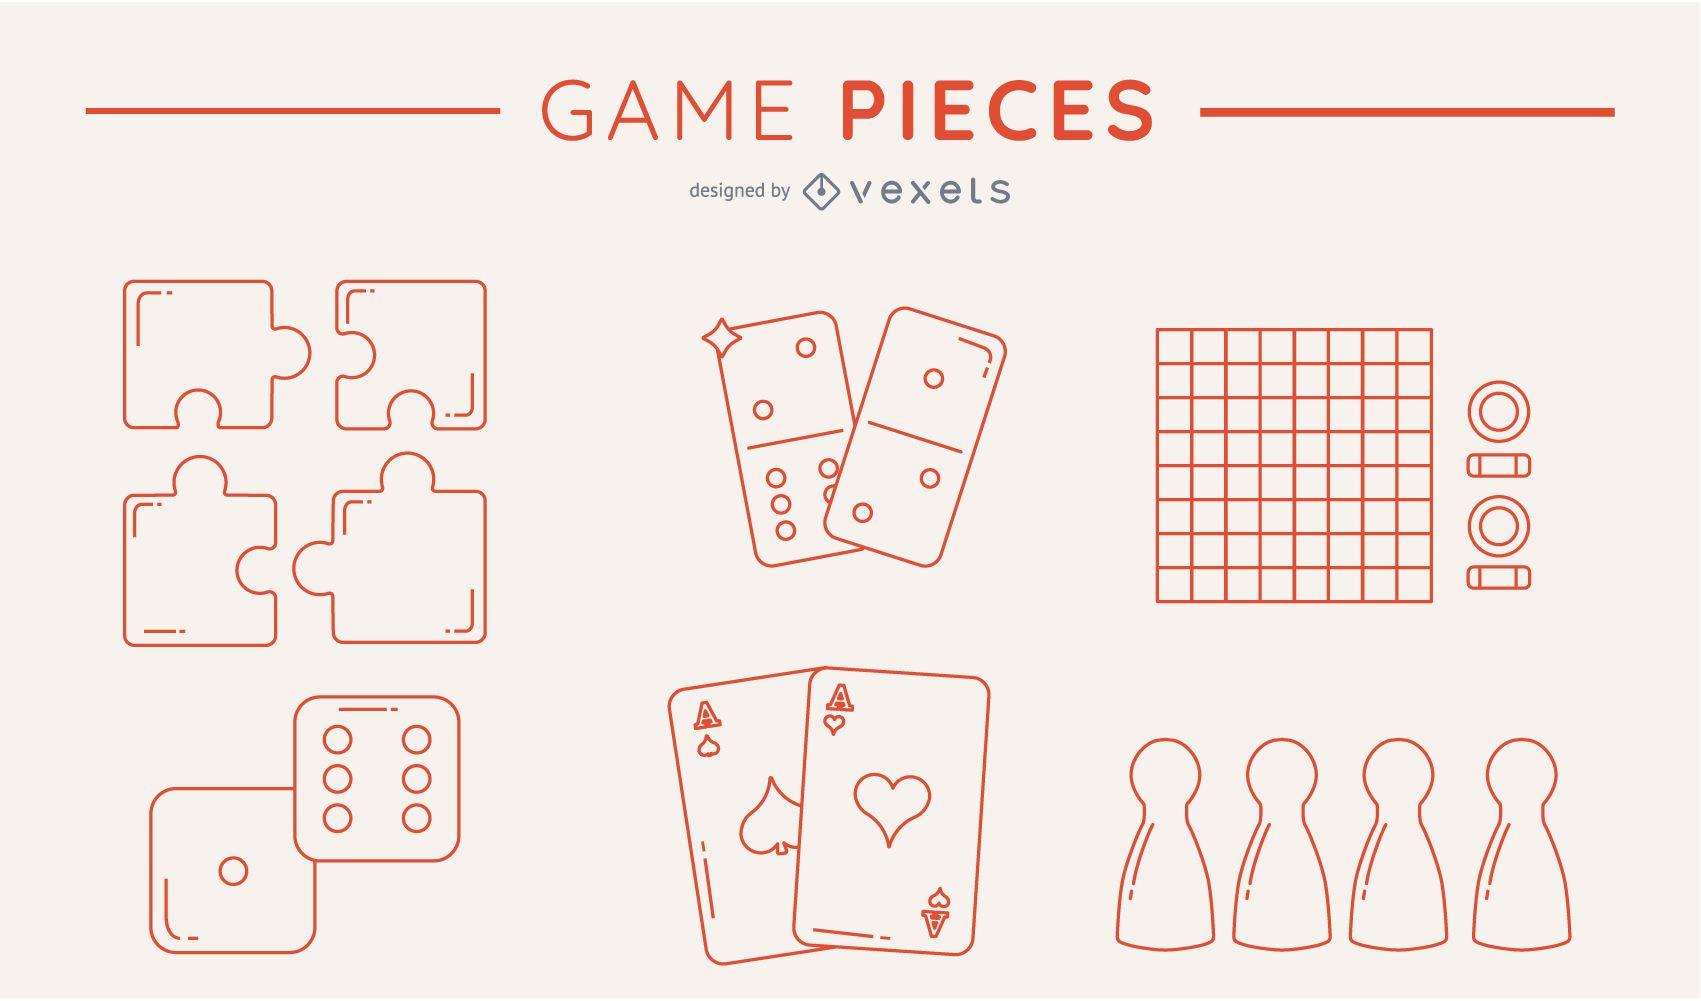 Paquete de piezas de juego con silueta